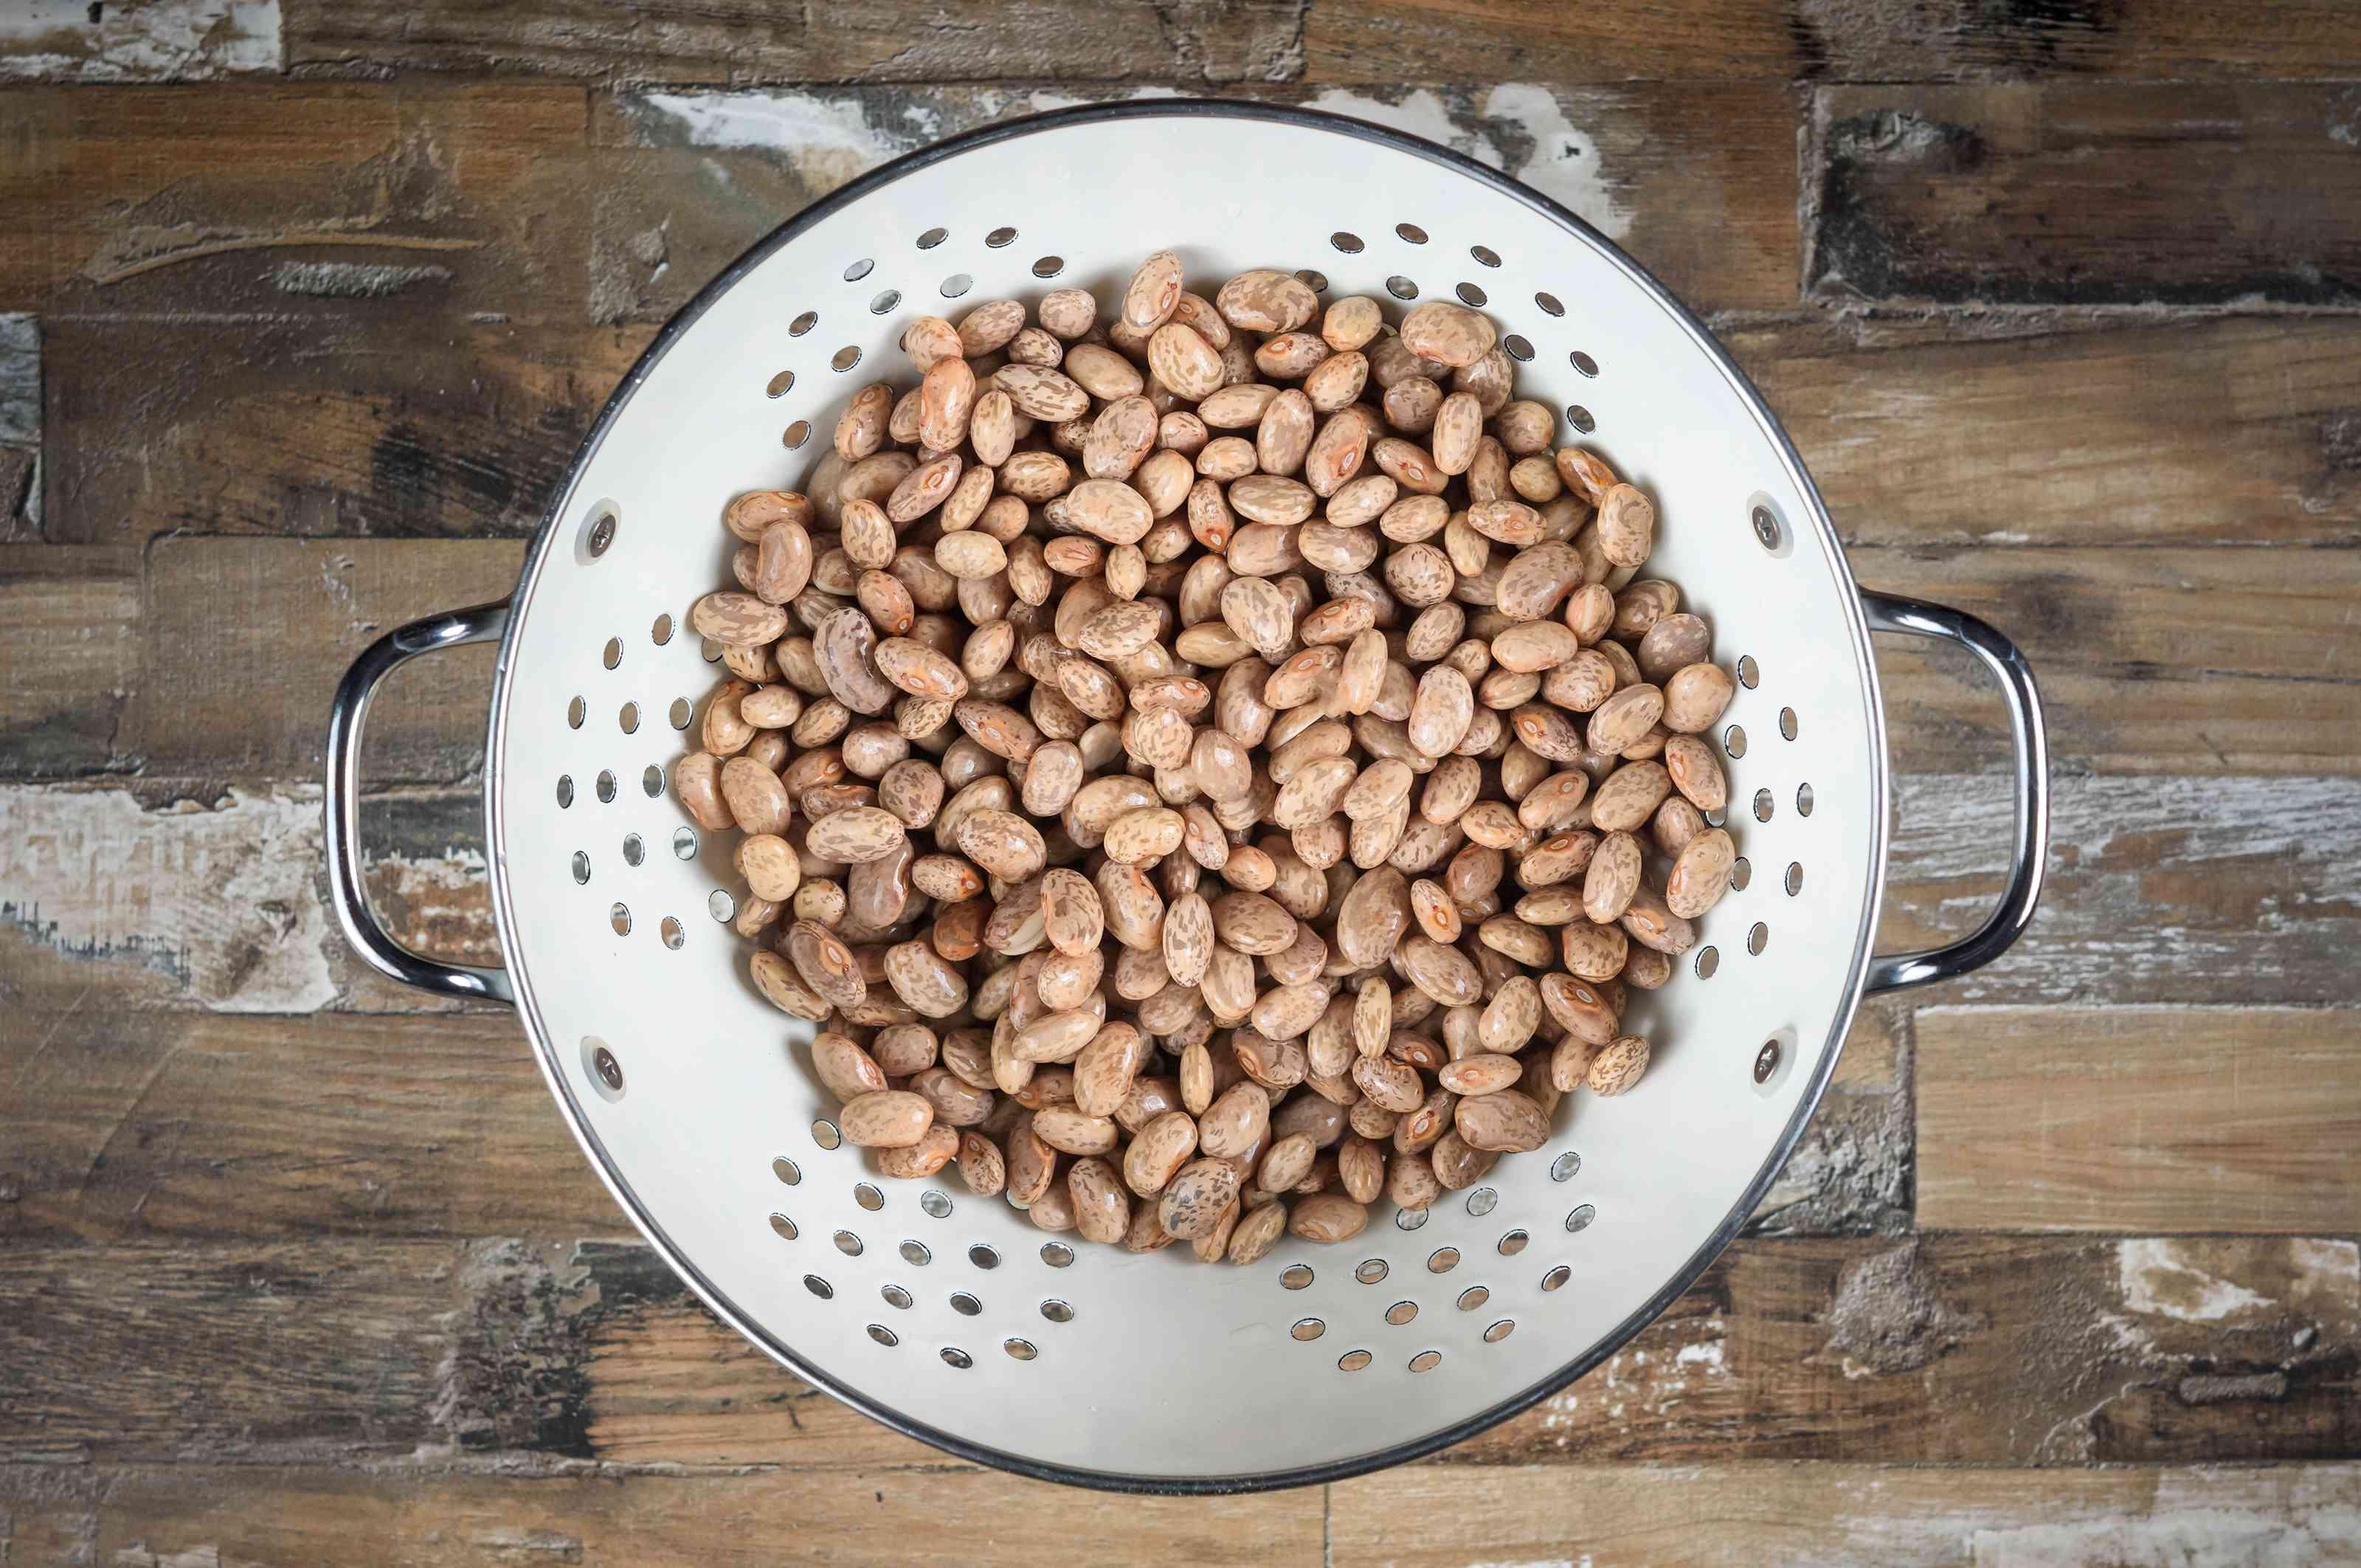 Drain beans